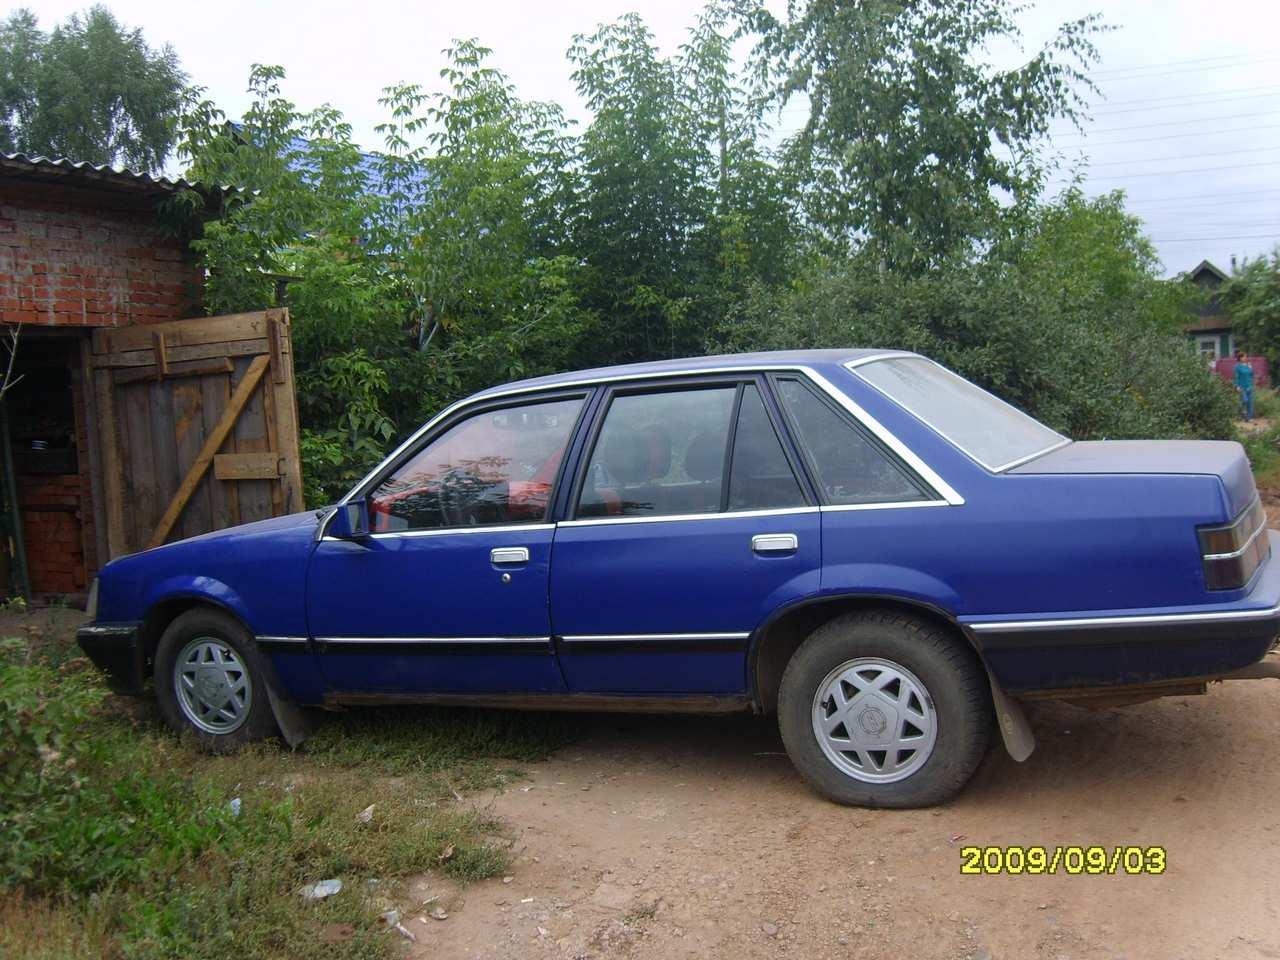 ... car exotic cars opel opel senator b opel vectra pictur tuning opel